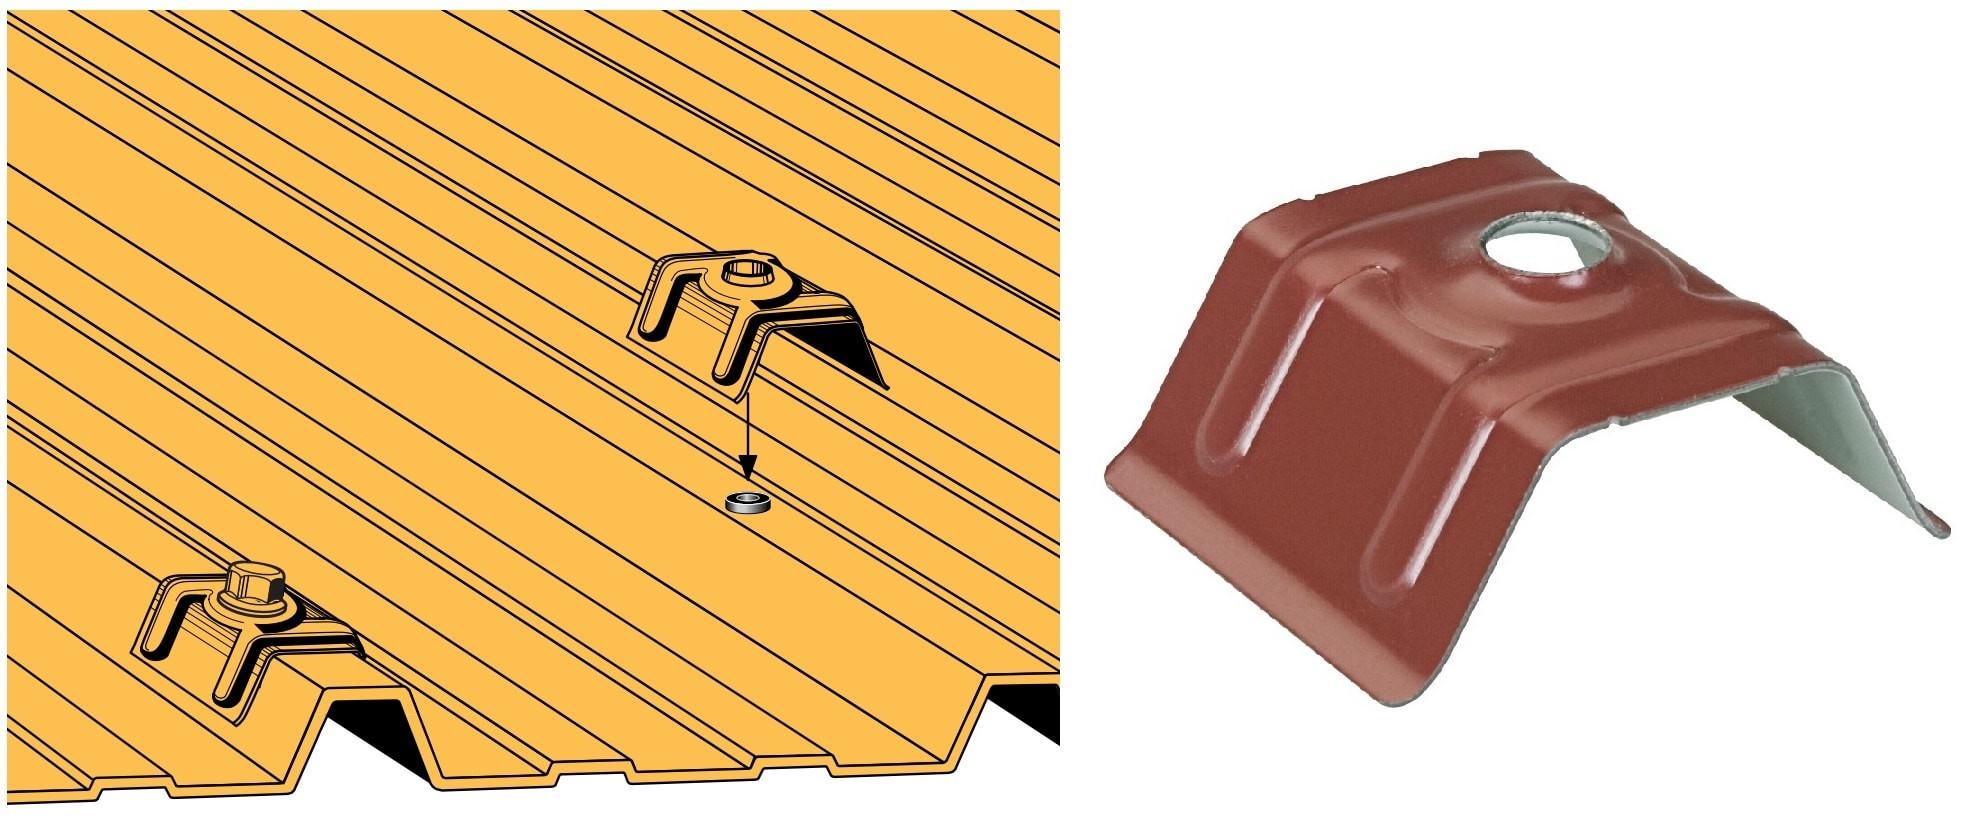 Cavalier acier prélaqué - Choix par désignation des profileurs